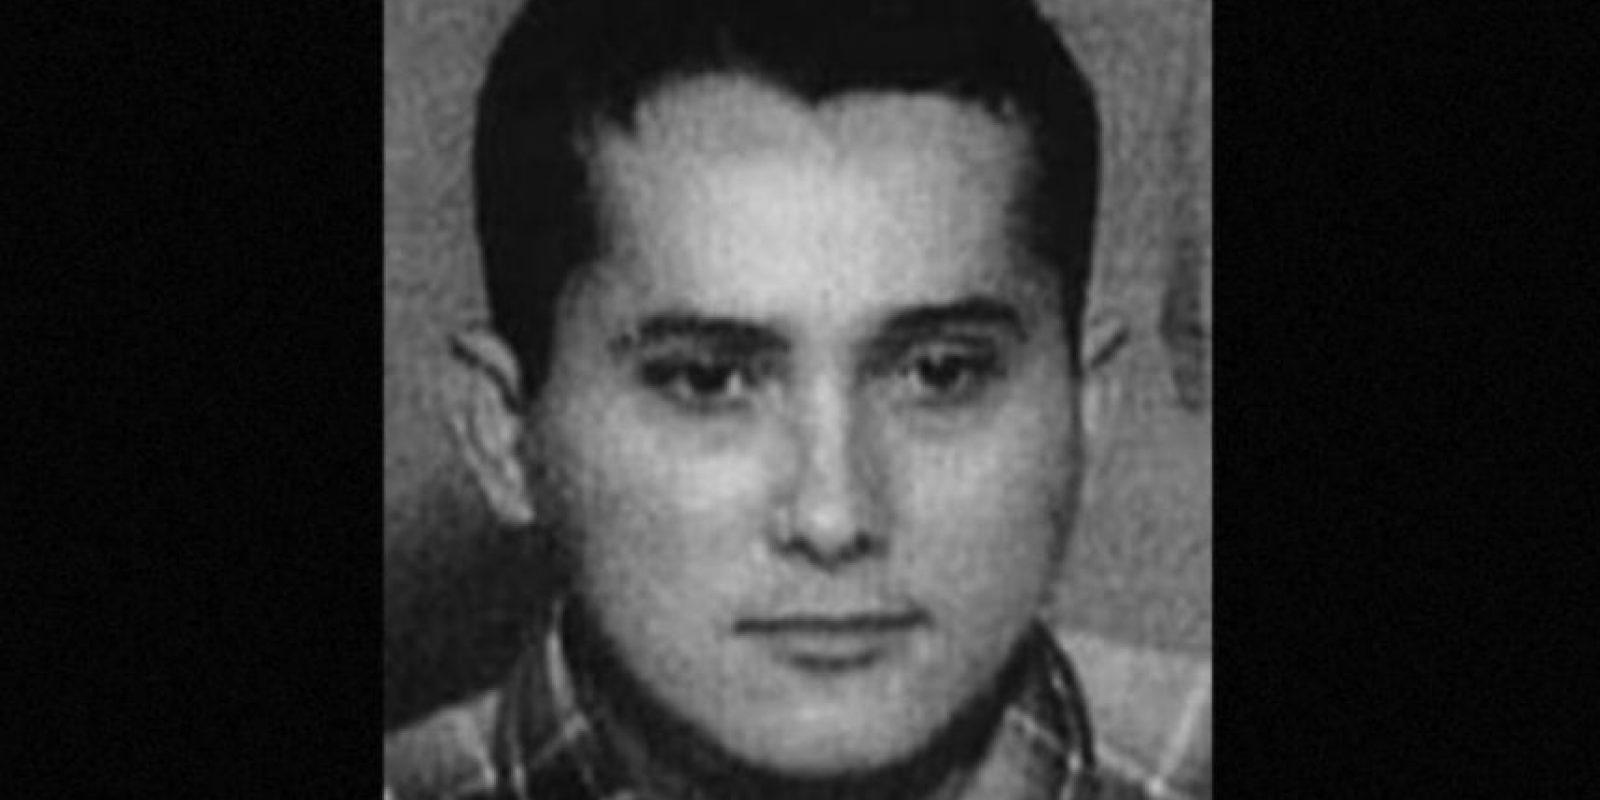 3. Alexis Flores. Se le busca por el secuestro y muerte de una niña de cinco años en Filadelfia, Estados Unidos, ocurrido en agosto del año 2000 Foto: fbi.gov/wanted/topten. Imagen Por: